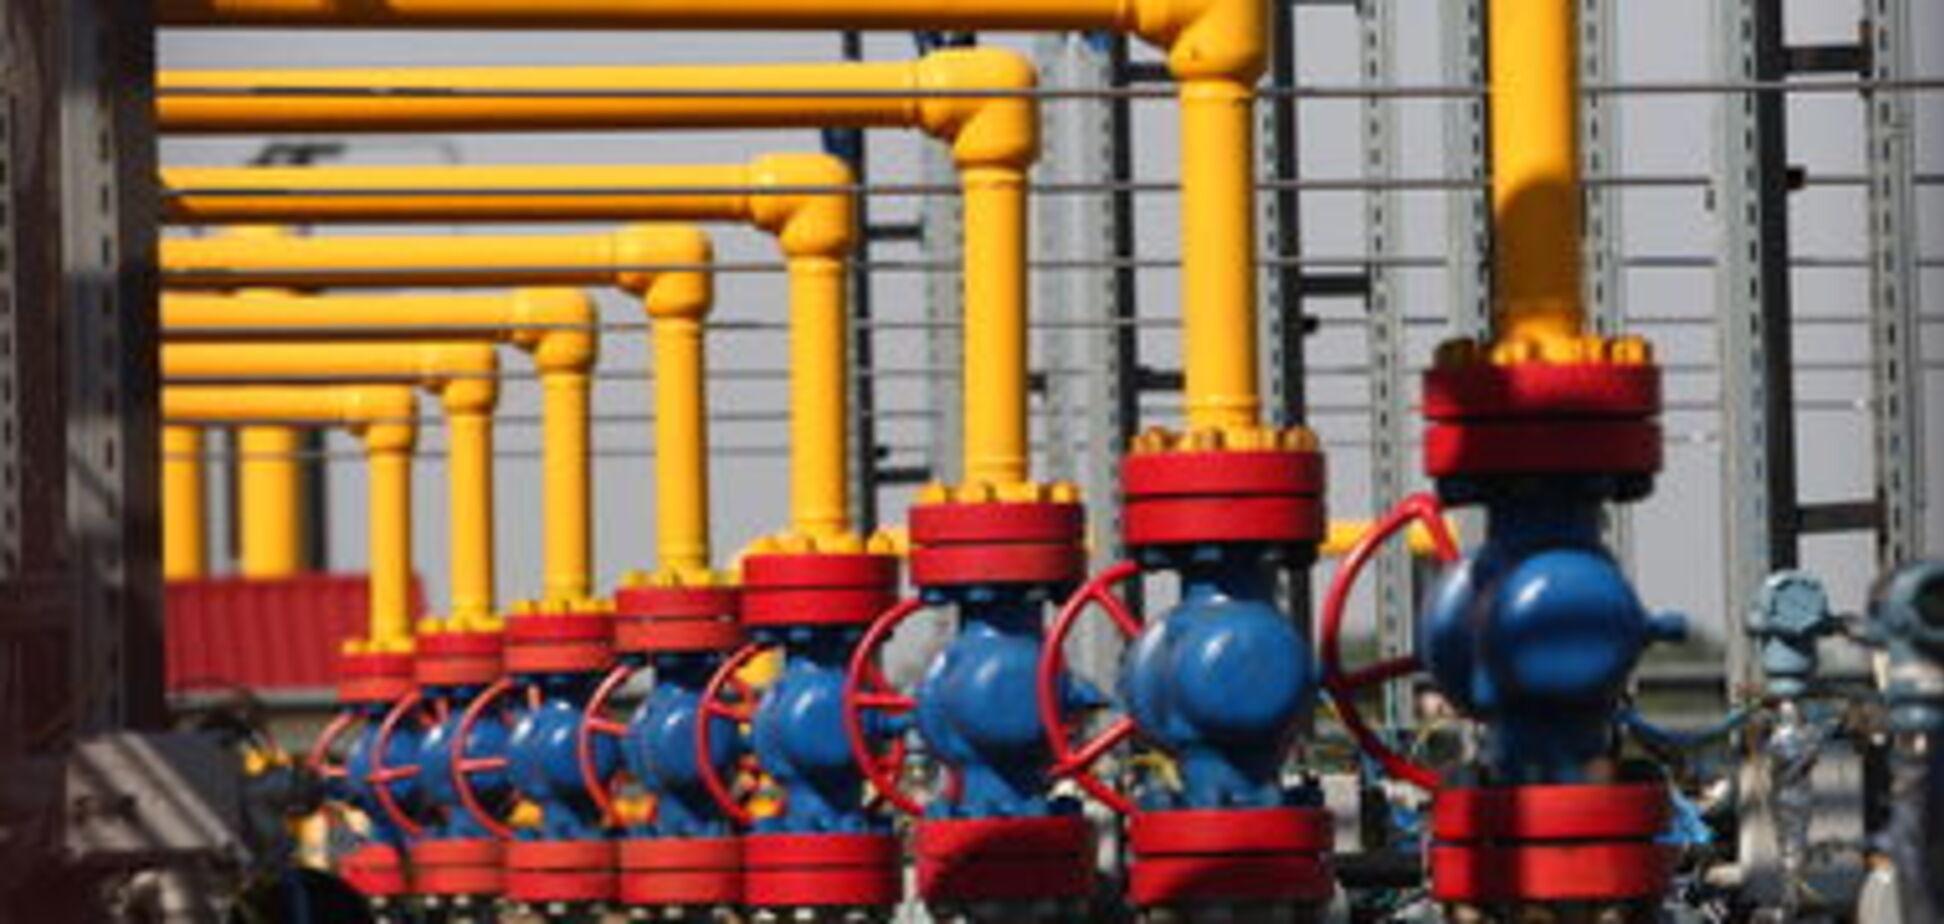 Глобальний енергетичний ринок: ціновий підсумок перших двох тижнів та прогноз на 2018 рік